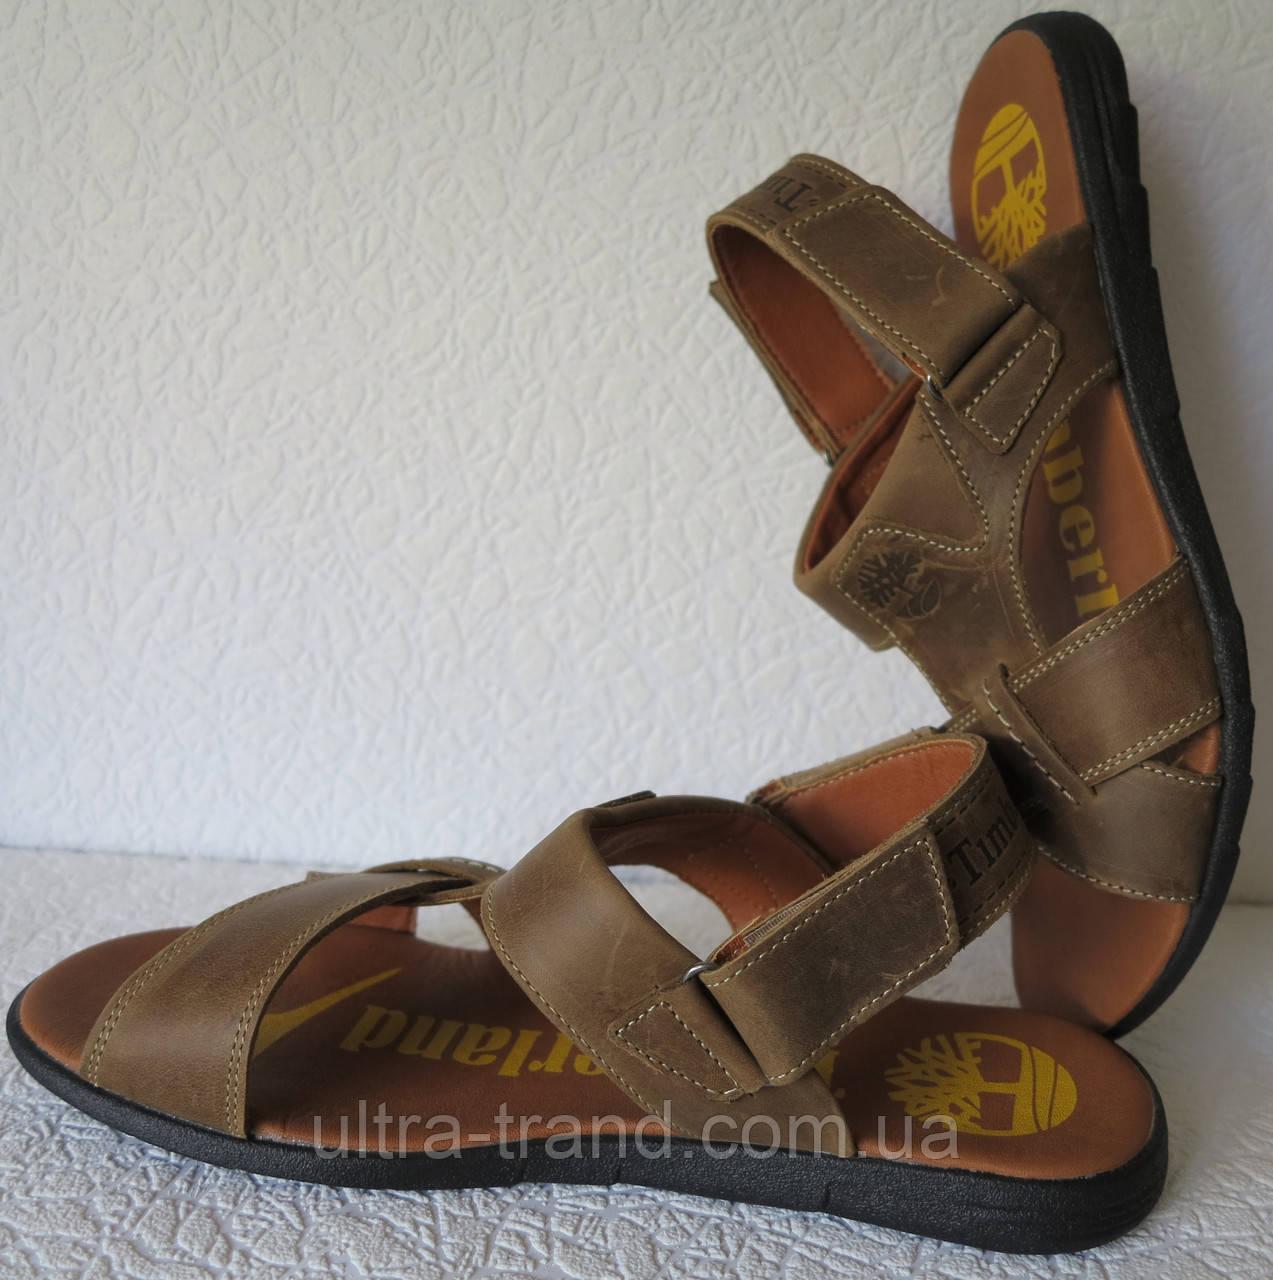 Супер удобные мужские кожаные босоножки в стиле Timberland  2e34b4ceaa46e